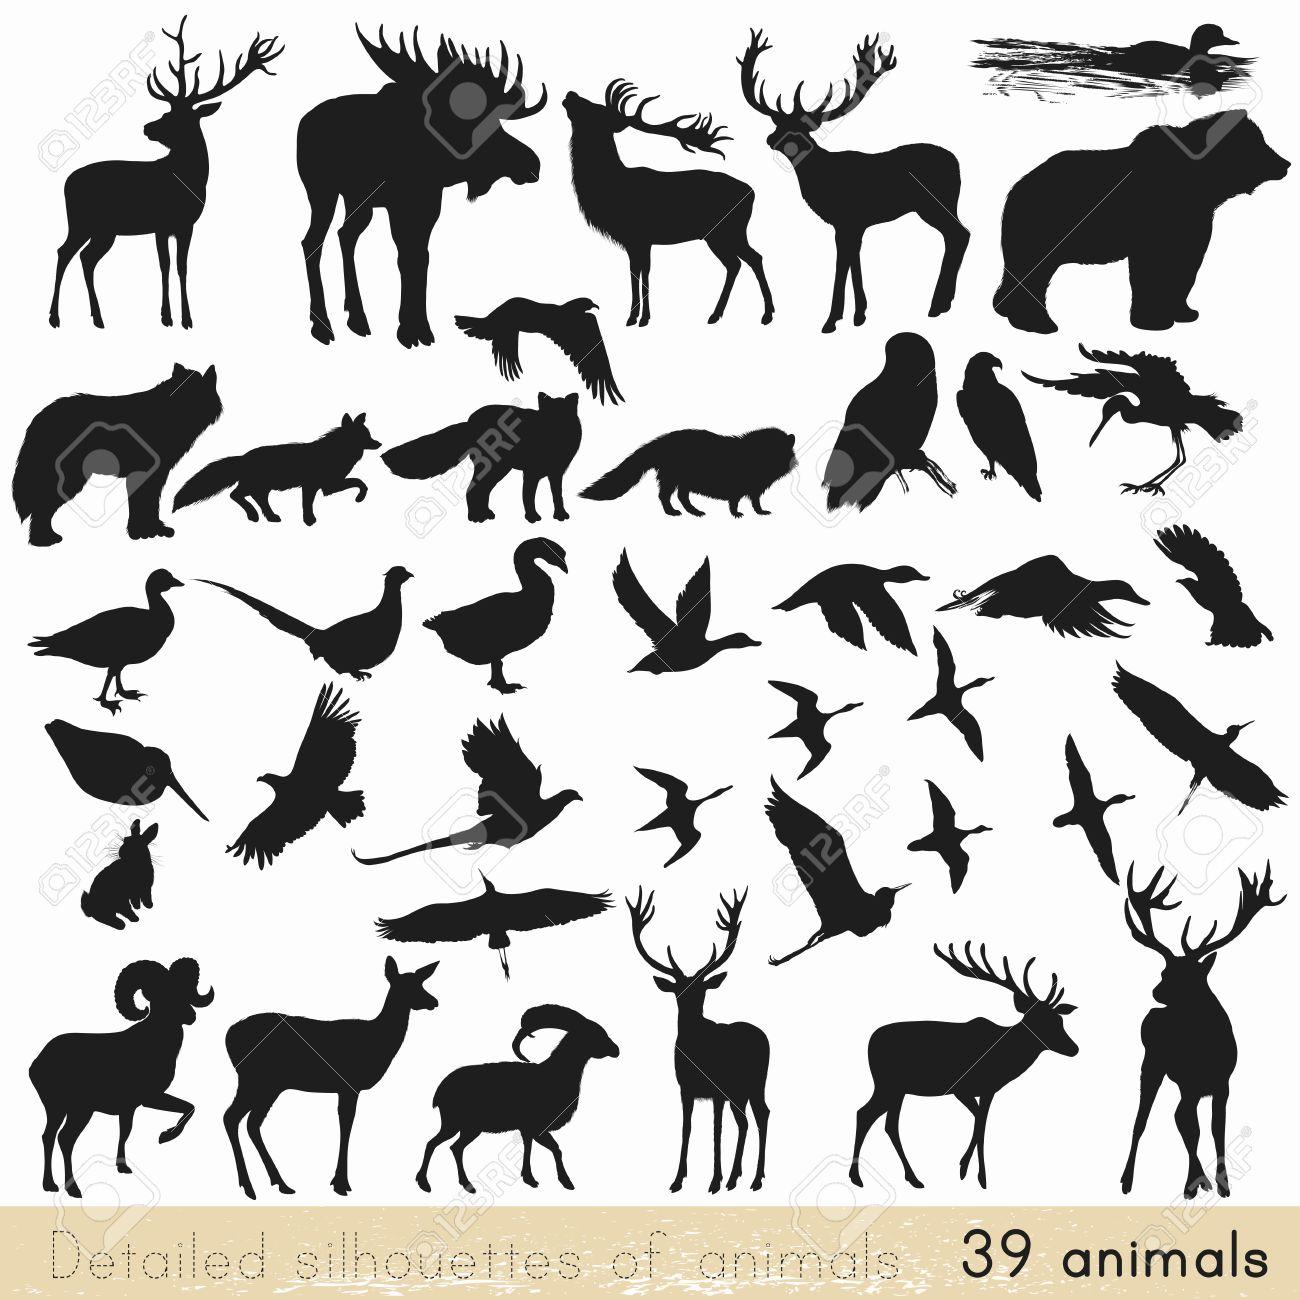 野生動物 ロイヤリティーフリーフォト、ピクチャー、画像、ストック